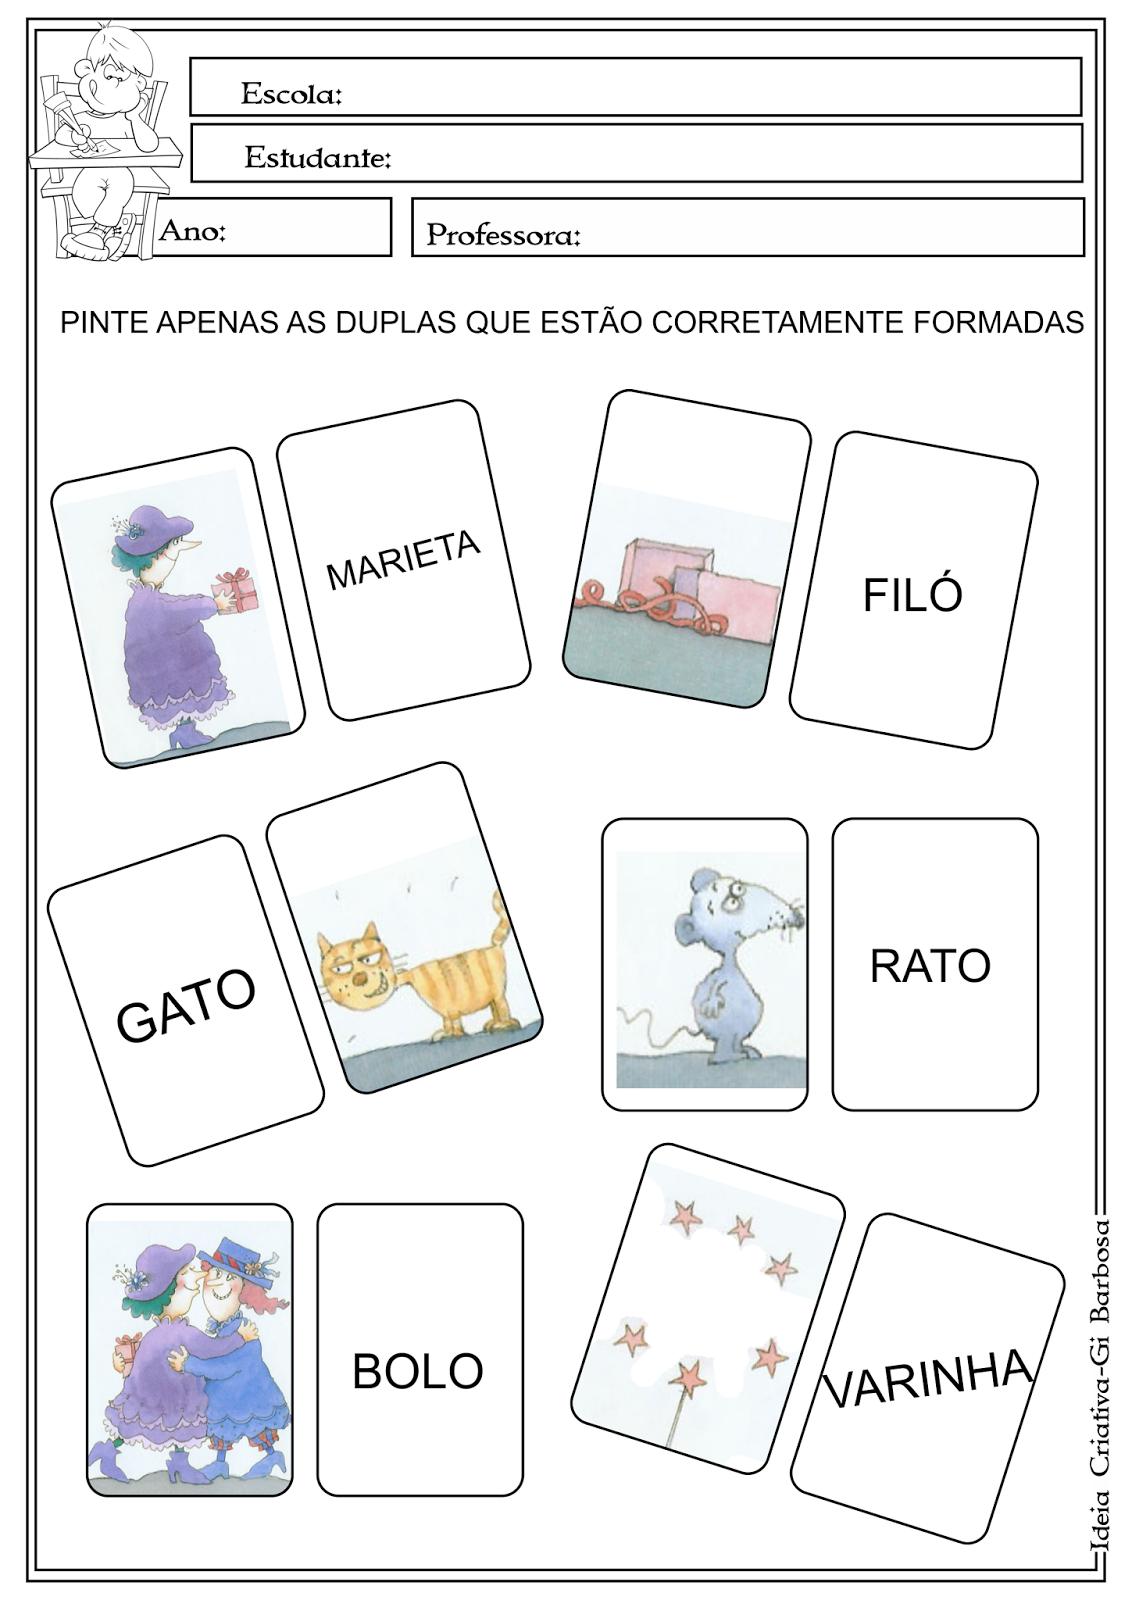 Atividade Filó e Marieta Eva Furnari Alfabetização Cartas